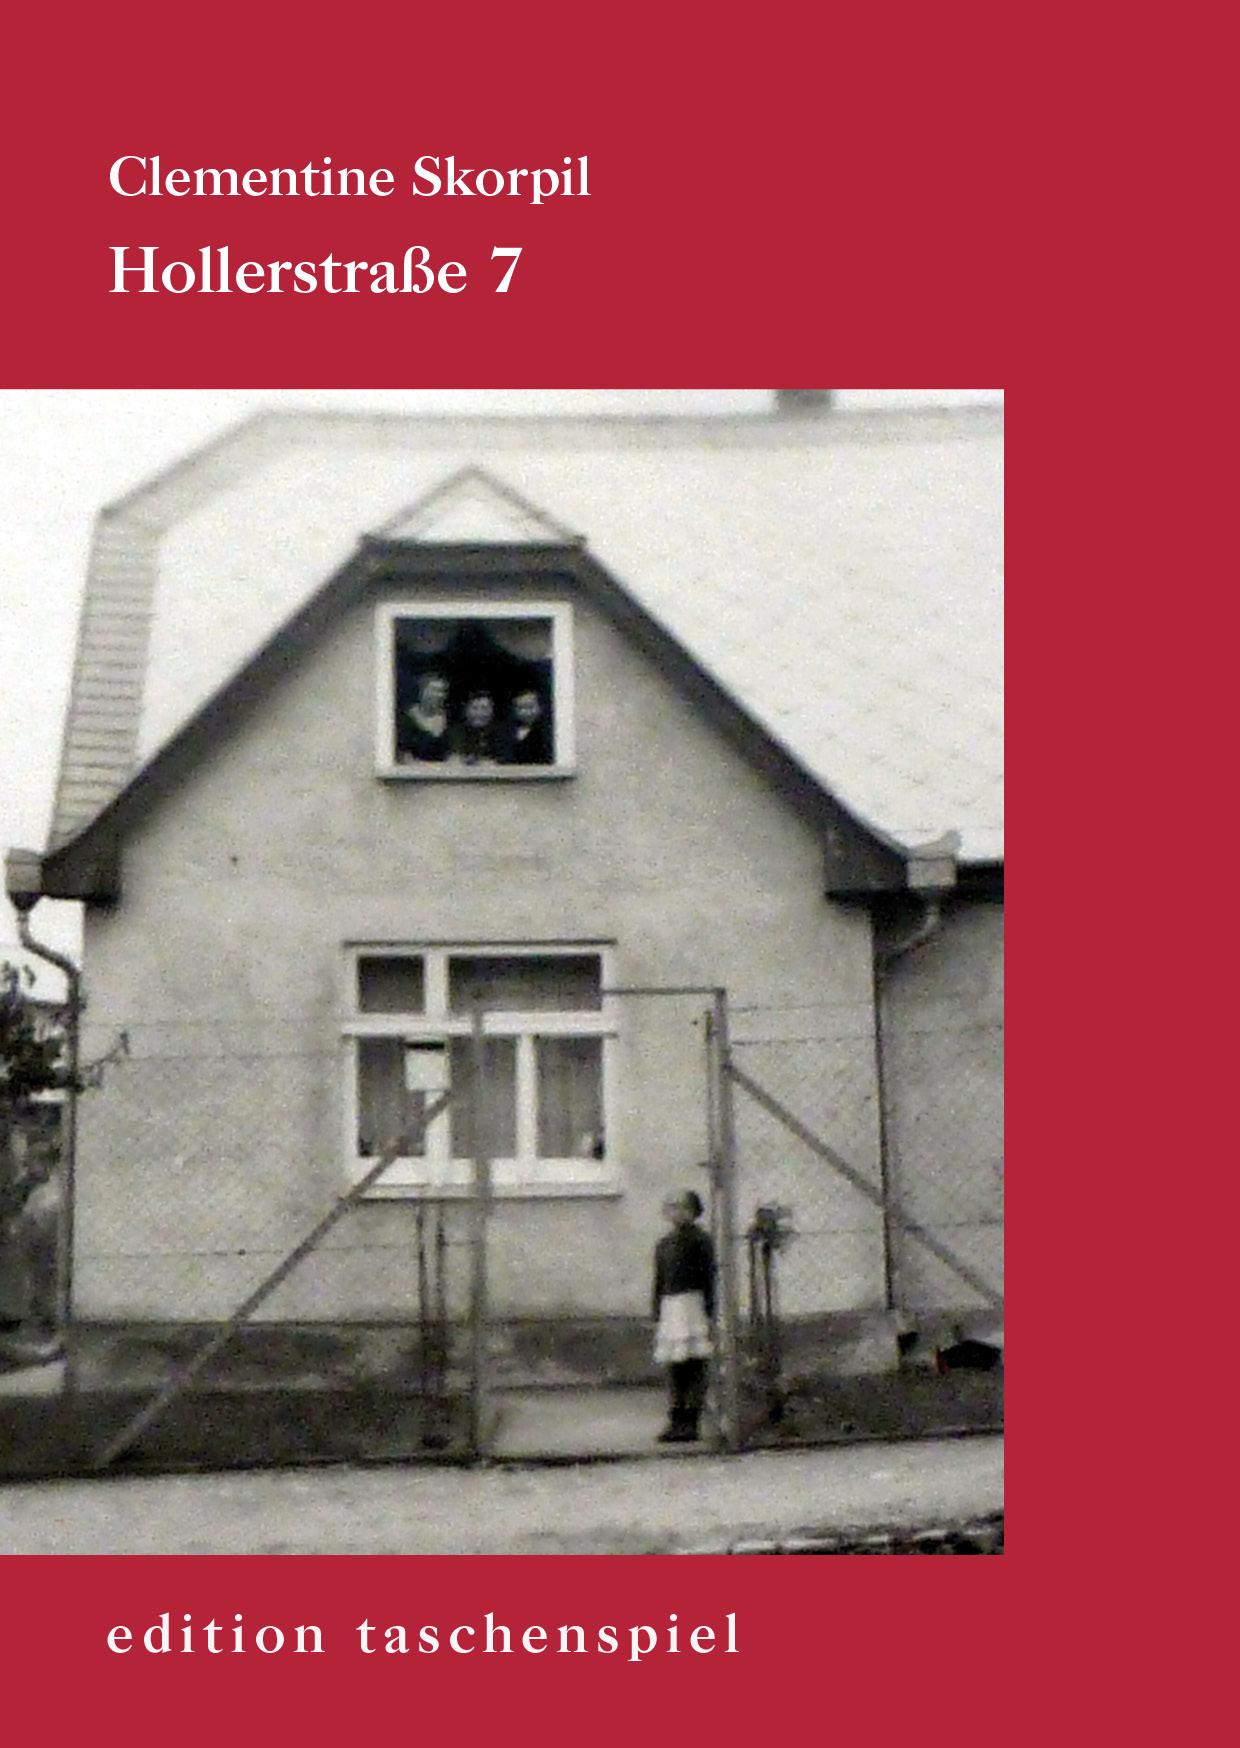 Hollerstraße 7